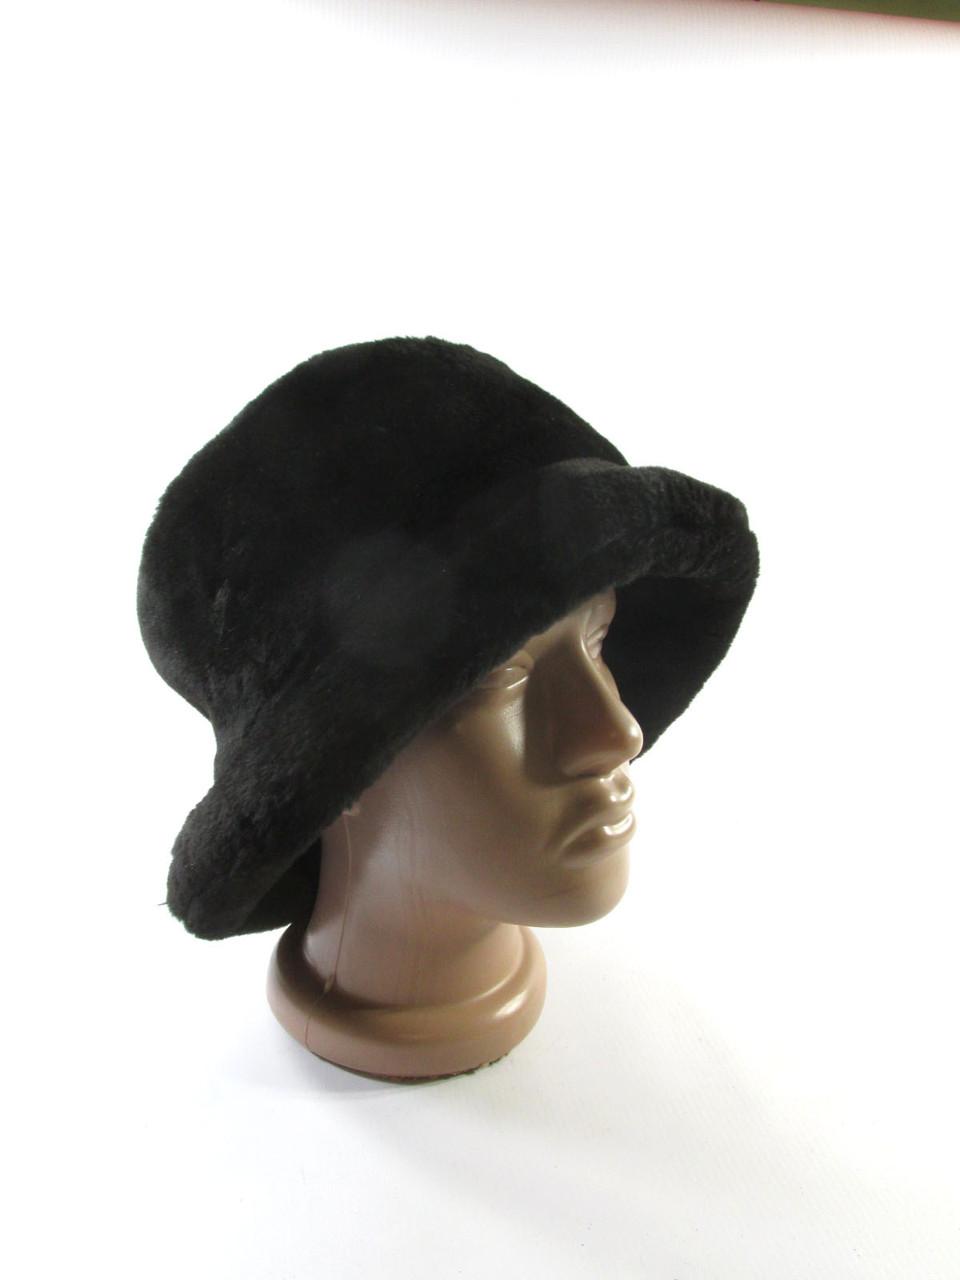 Теплая шапка Vroom&Dressman, 57 см, черная, штучн. мех, Как Но